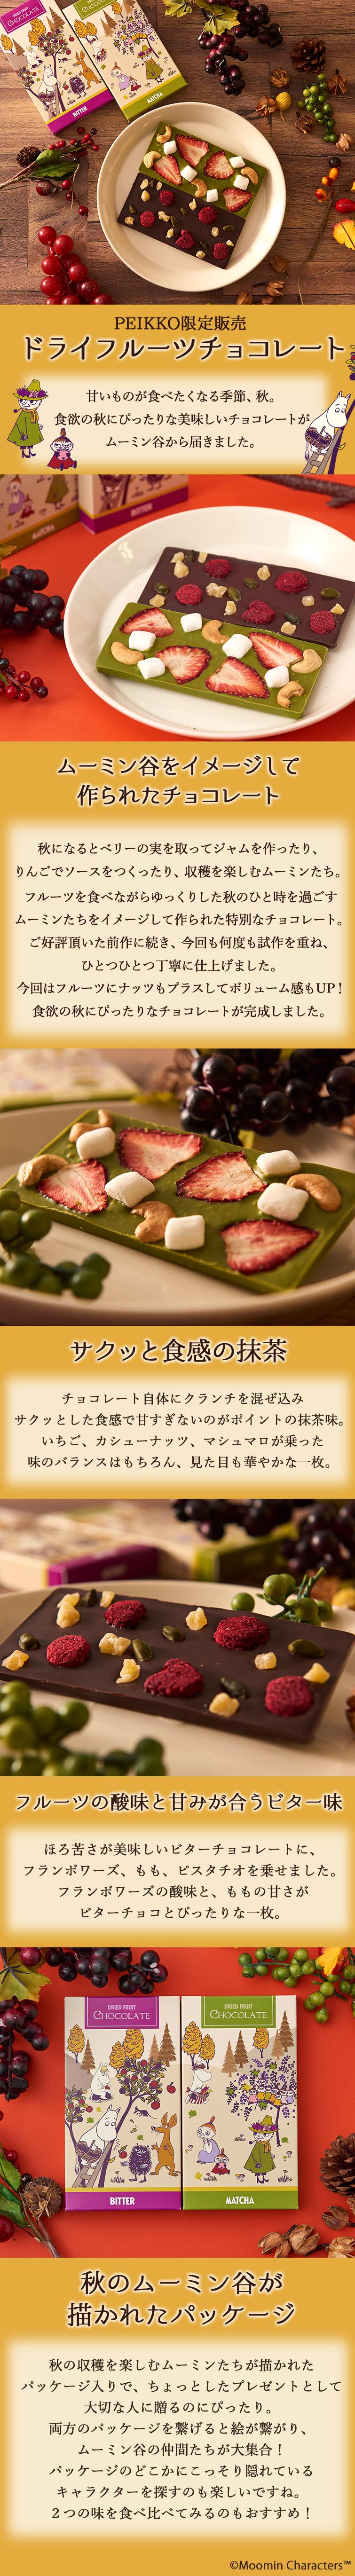 ムーミン公式オンラインショップPEIKKO ドライフルーツチョコレート